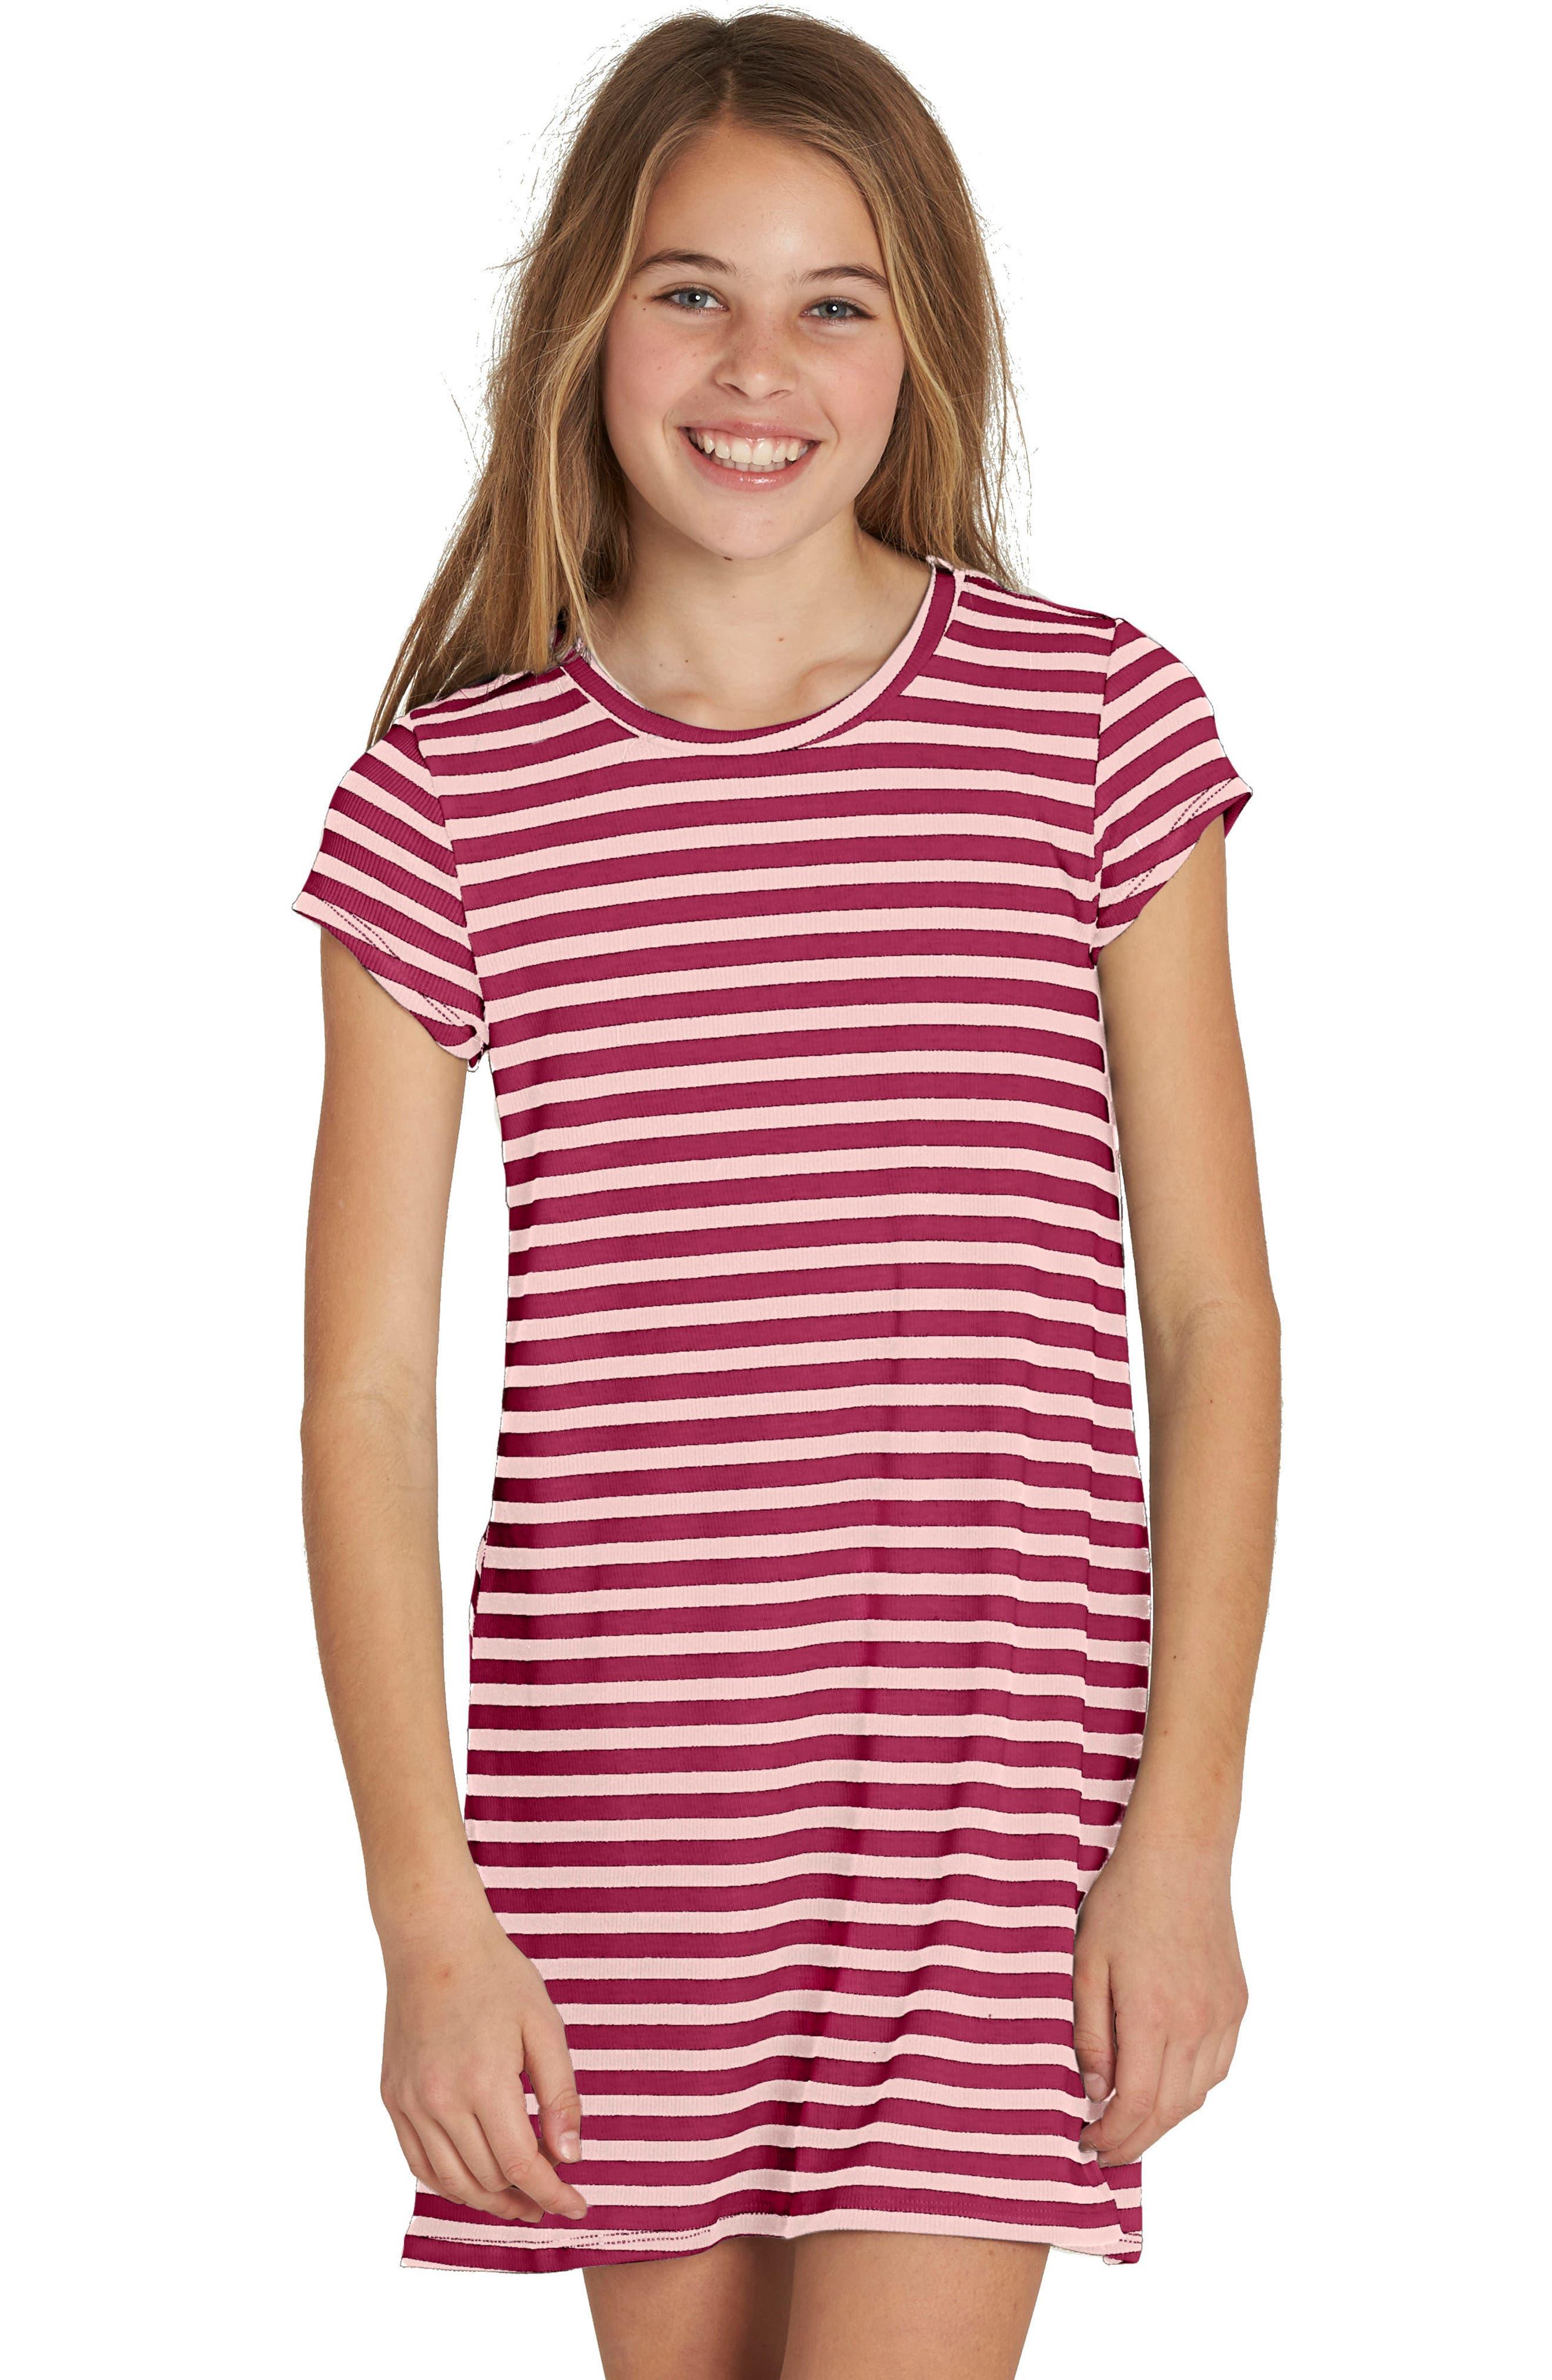 Main Image - Billabong Stripe Dress (Little Girls & Big Girls)